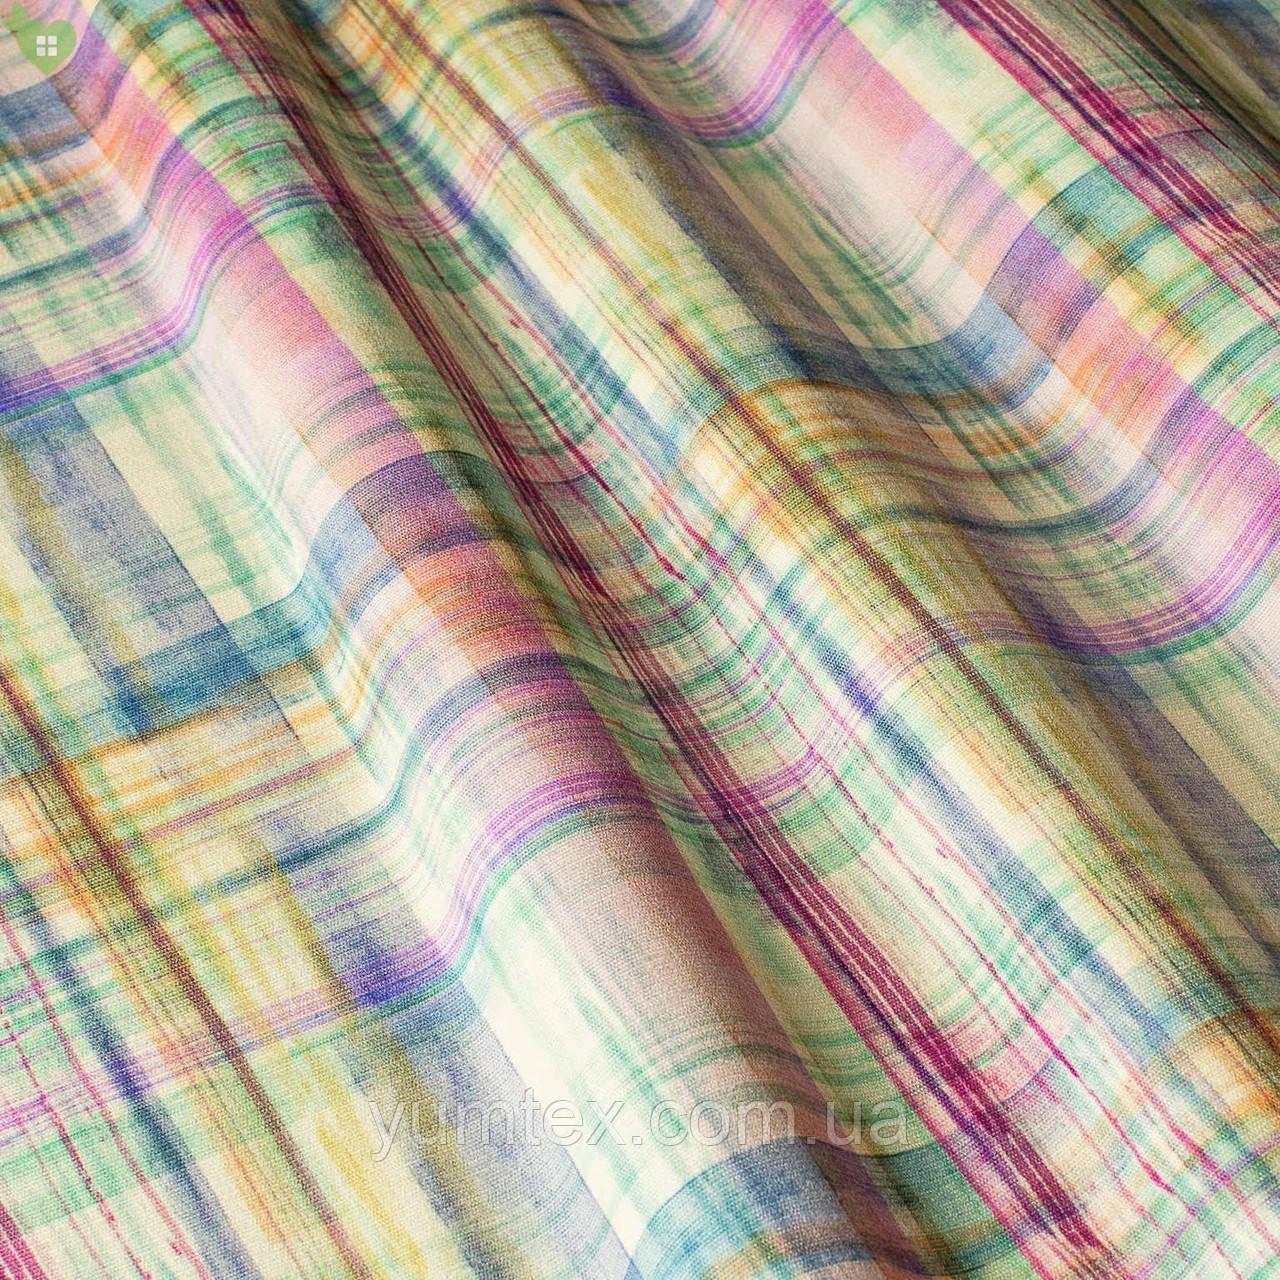 Декоративная ткань с мелкими размытыми квадратами голубого и розового цвета Испания